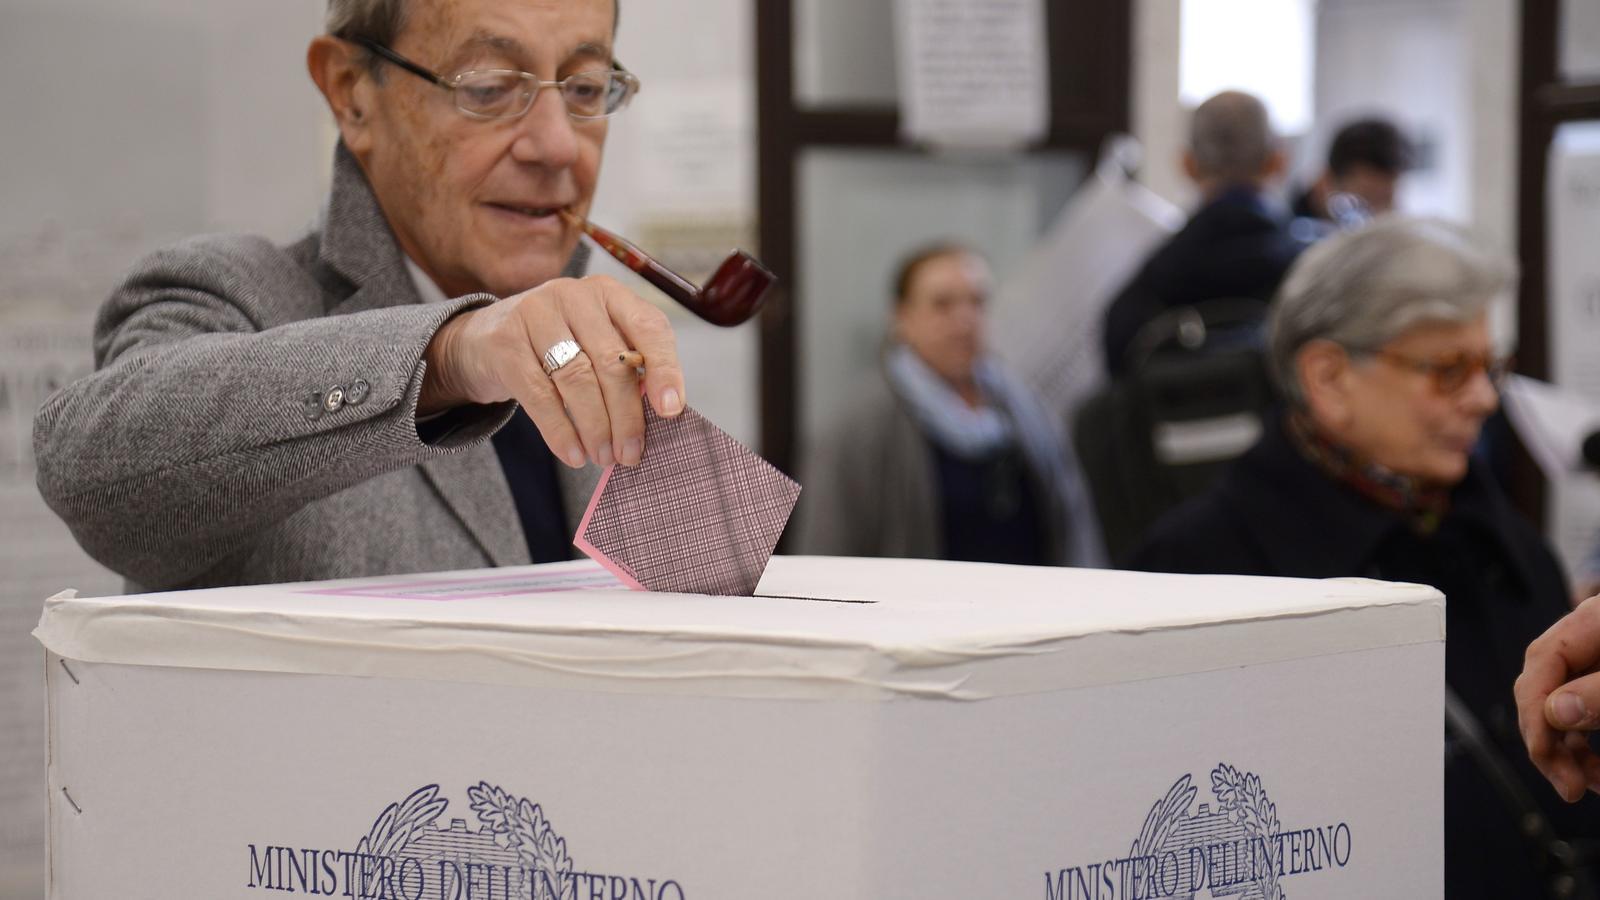 Un home votant en el referèndum d'aquest diumenge per reformar la Constitució italiana